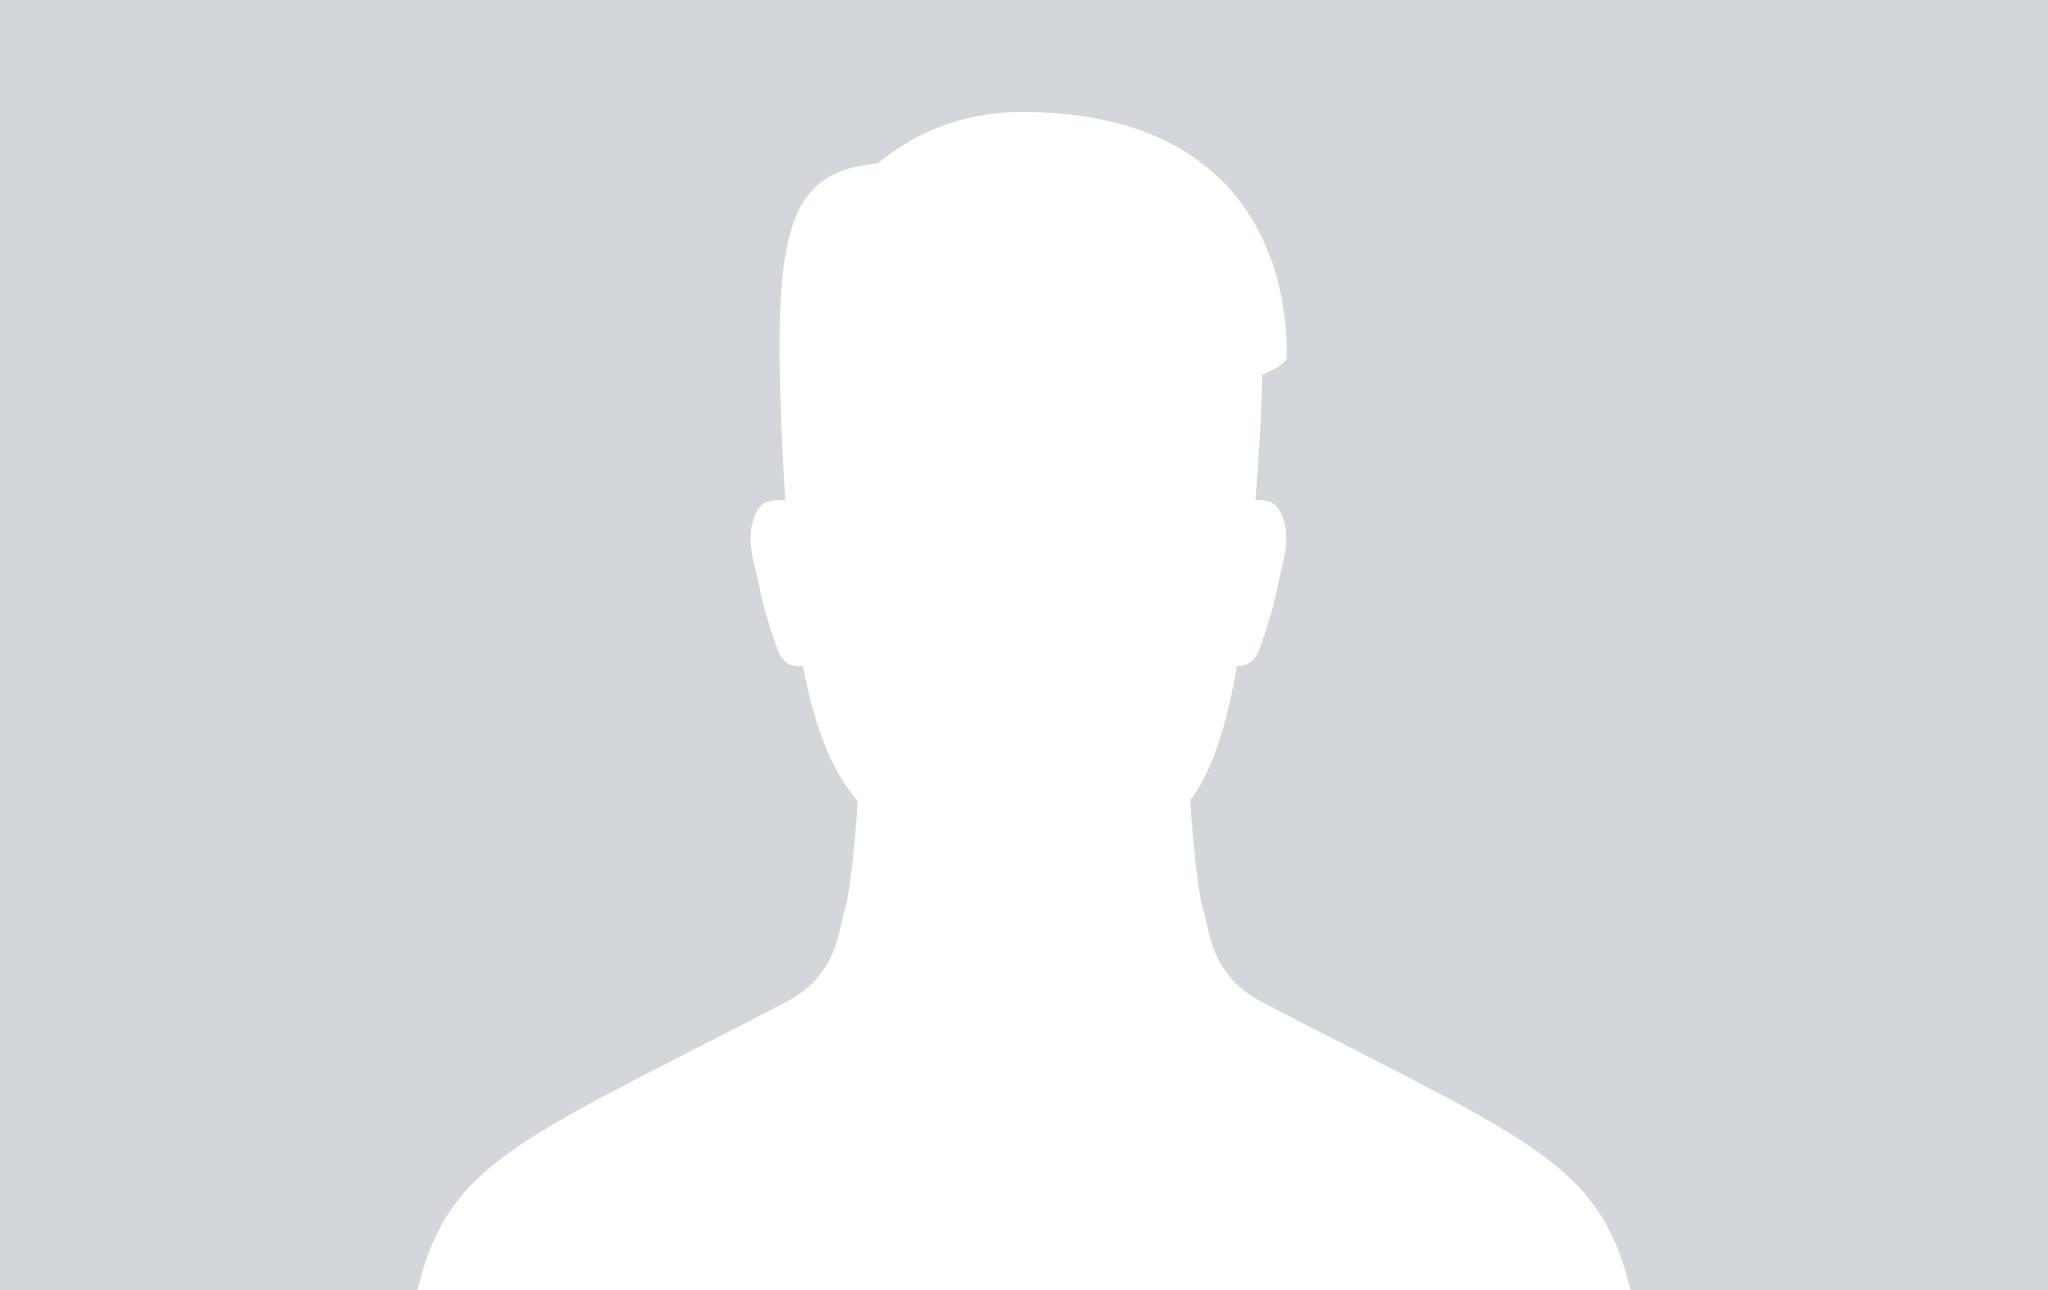 https://d2yht872mhrlra.cloudfront.net/user/133441/user_133441.jpg